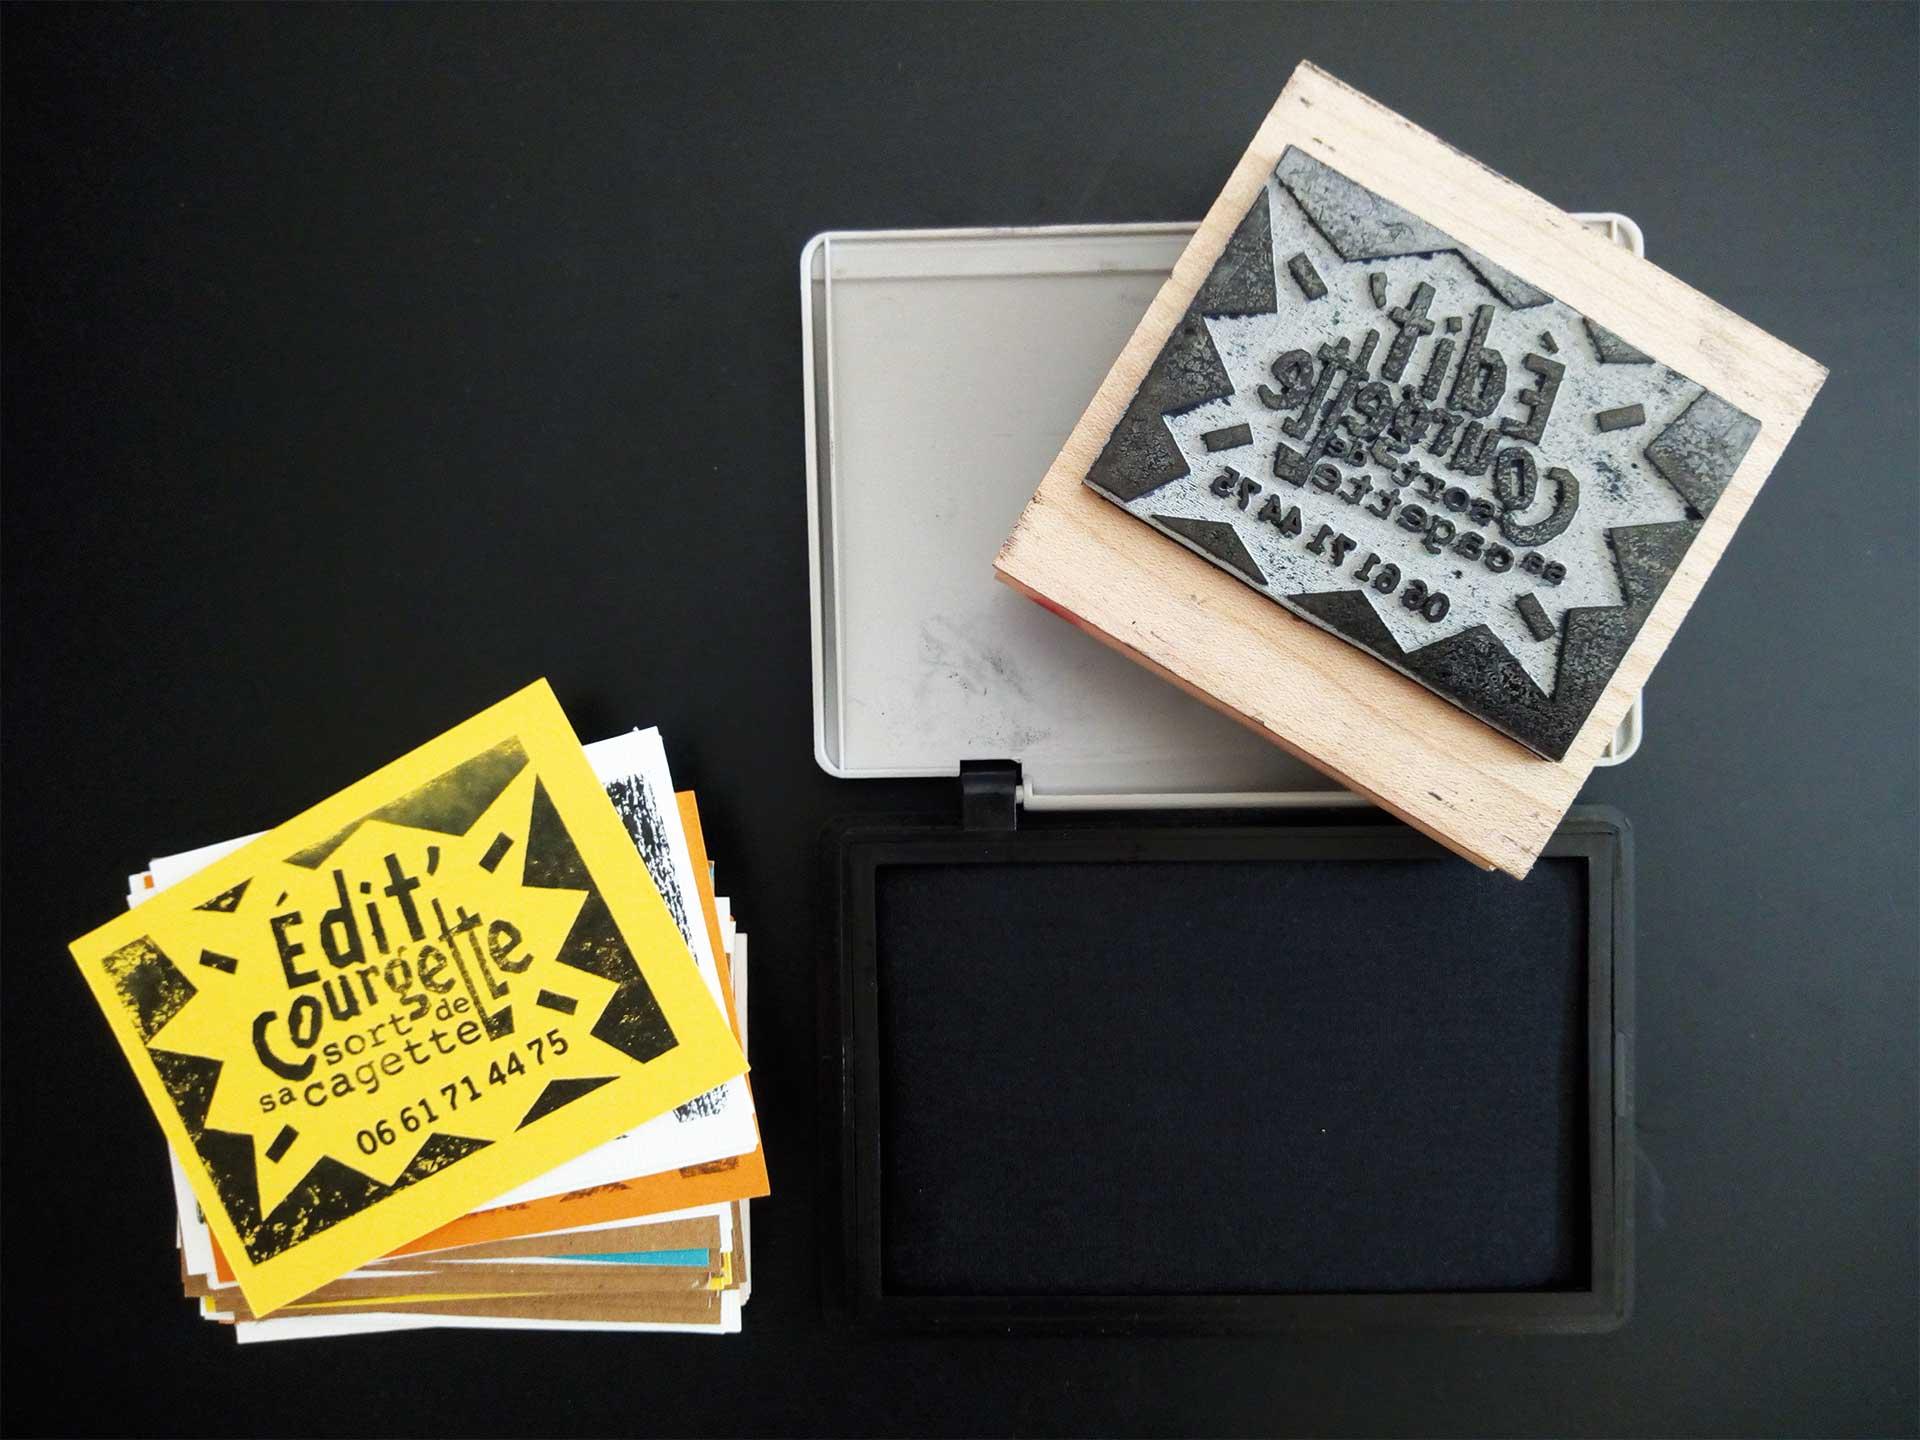 Tampon encreur en bois avec boitier d'encre et petites feuilles de carton colorées servant de carte de visite